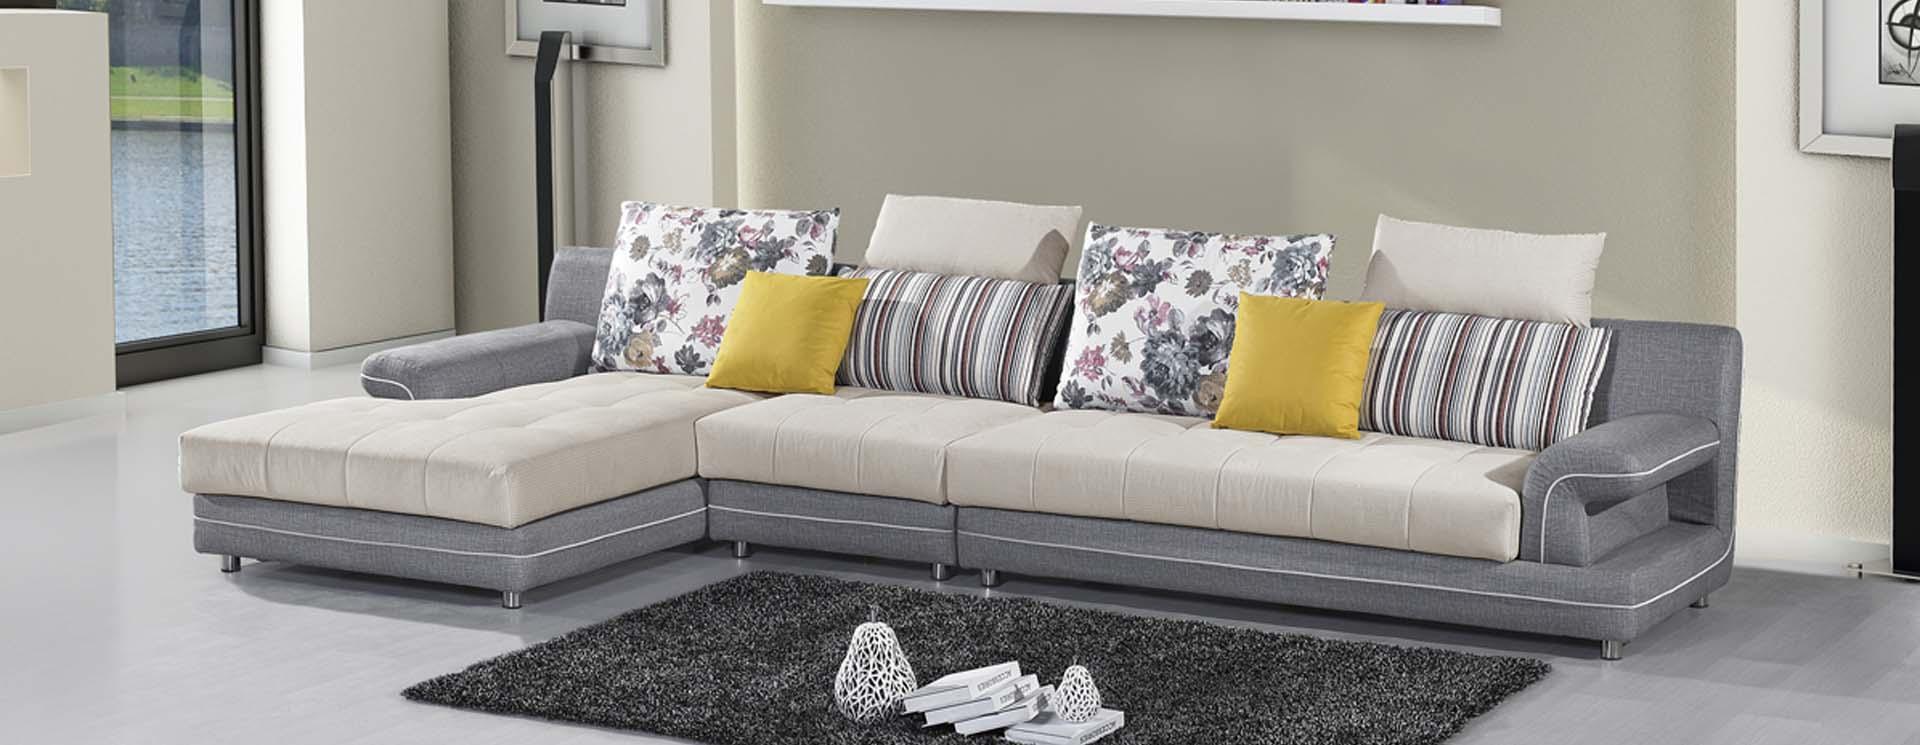 名称:沙发A-3C<br/> 市场价:<font style='color:#999;text-decoration:line-through;'>¥0</font><br />全国统一零售价:<font color='Red'>¥0.0</font>